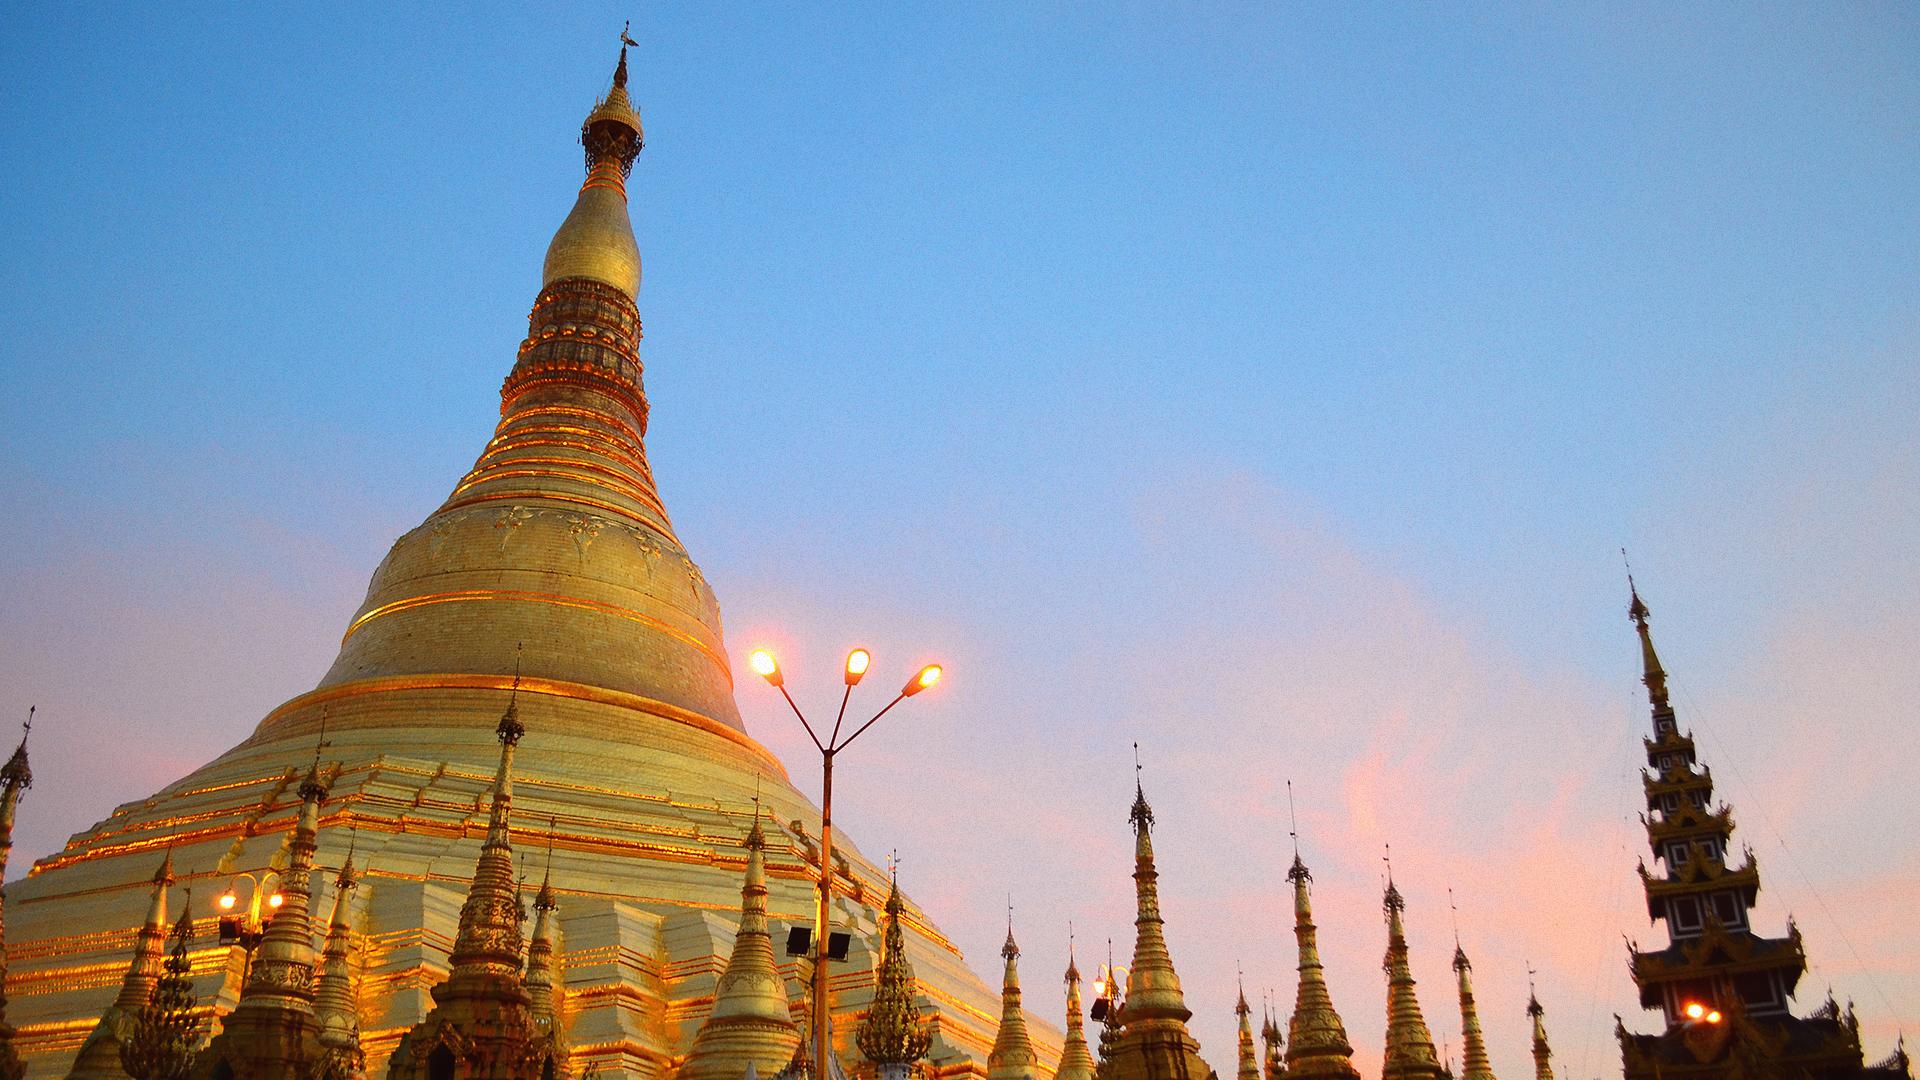 Shwedagon Pagoda al sunset.